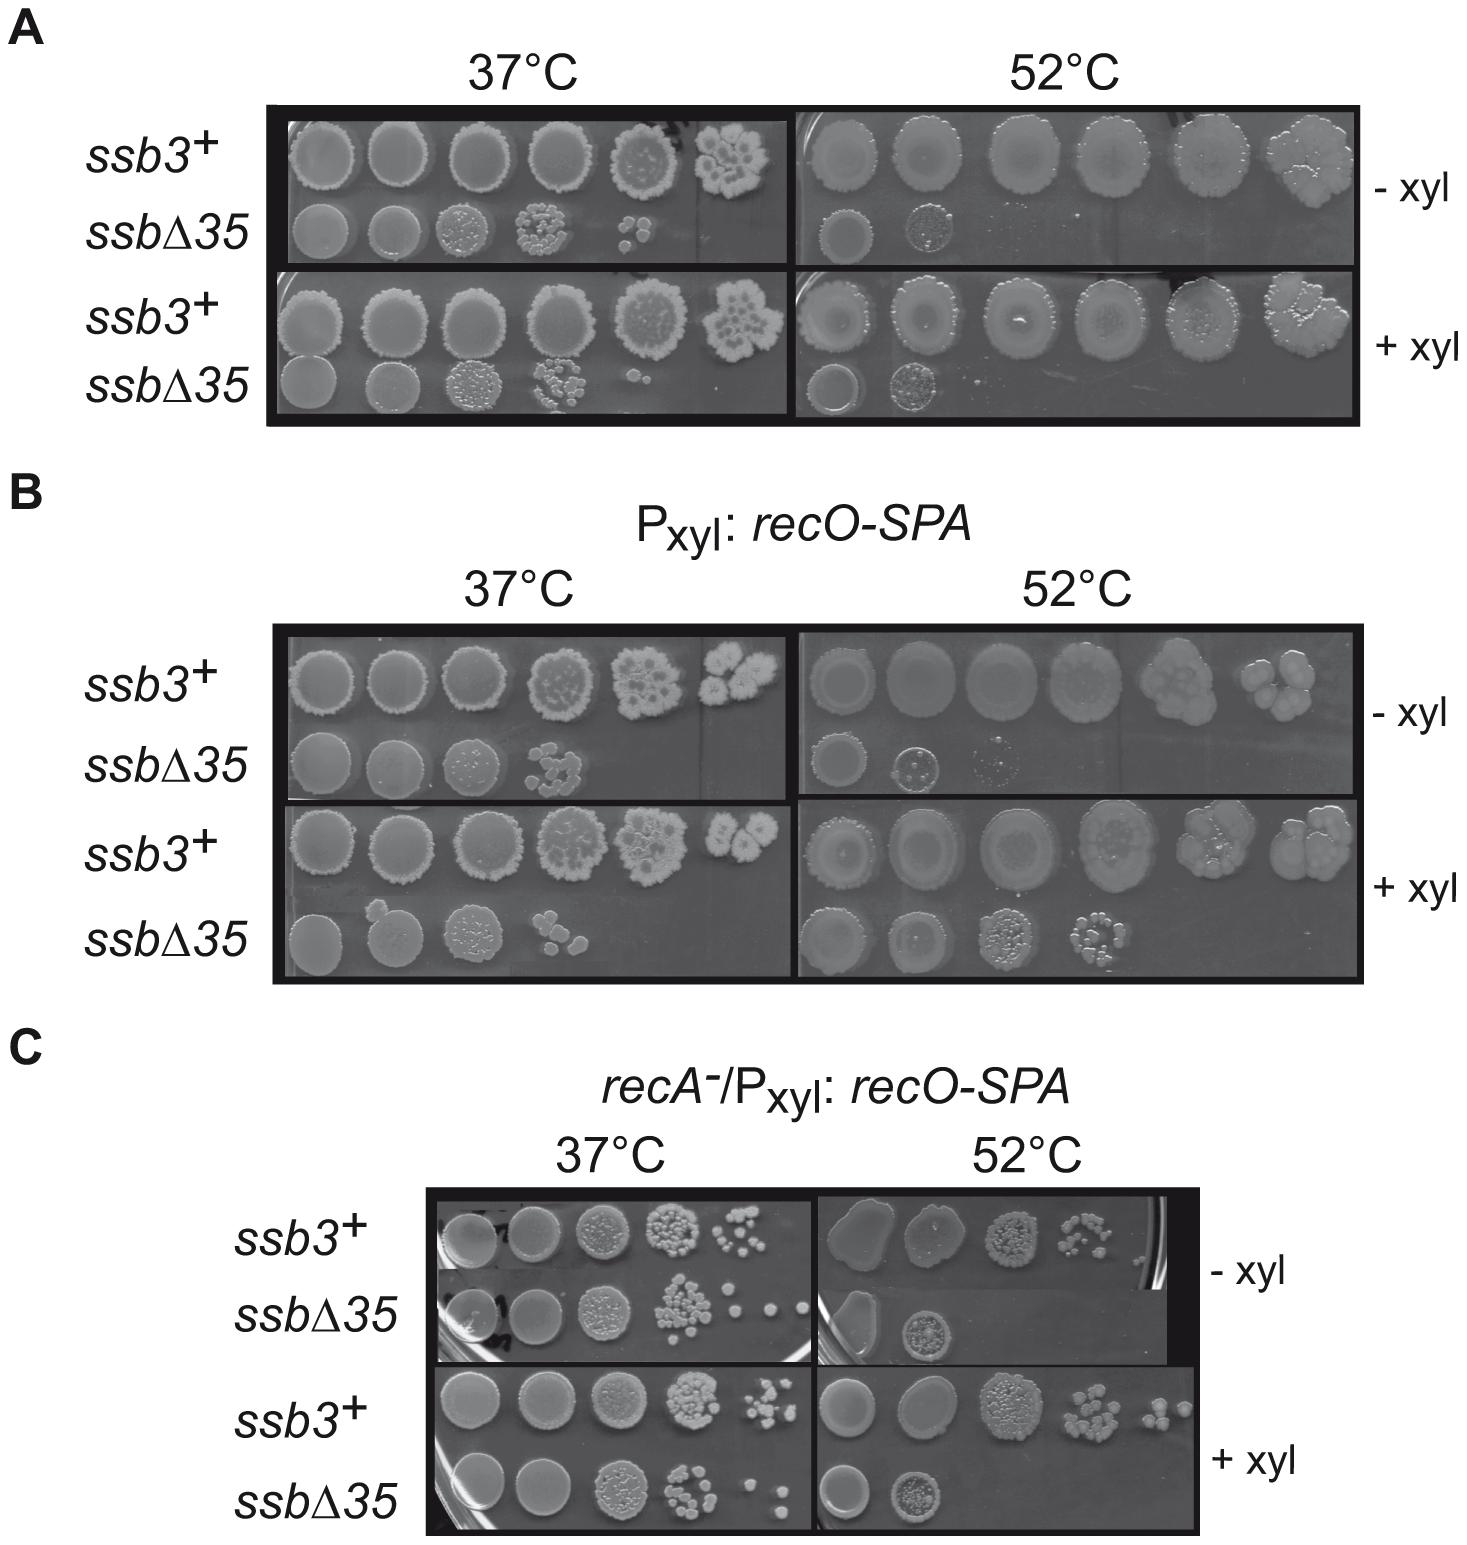 RecO overexpression suppresses temperature-sensitive growth of <i>ssbΔ35</i> cells.